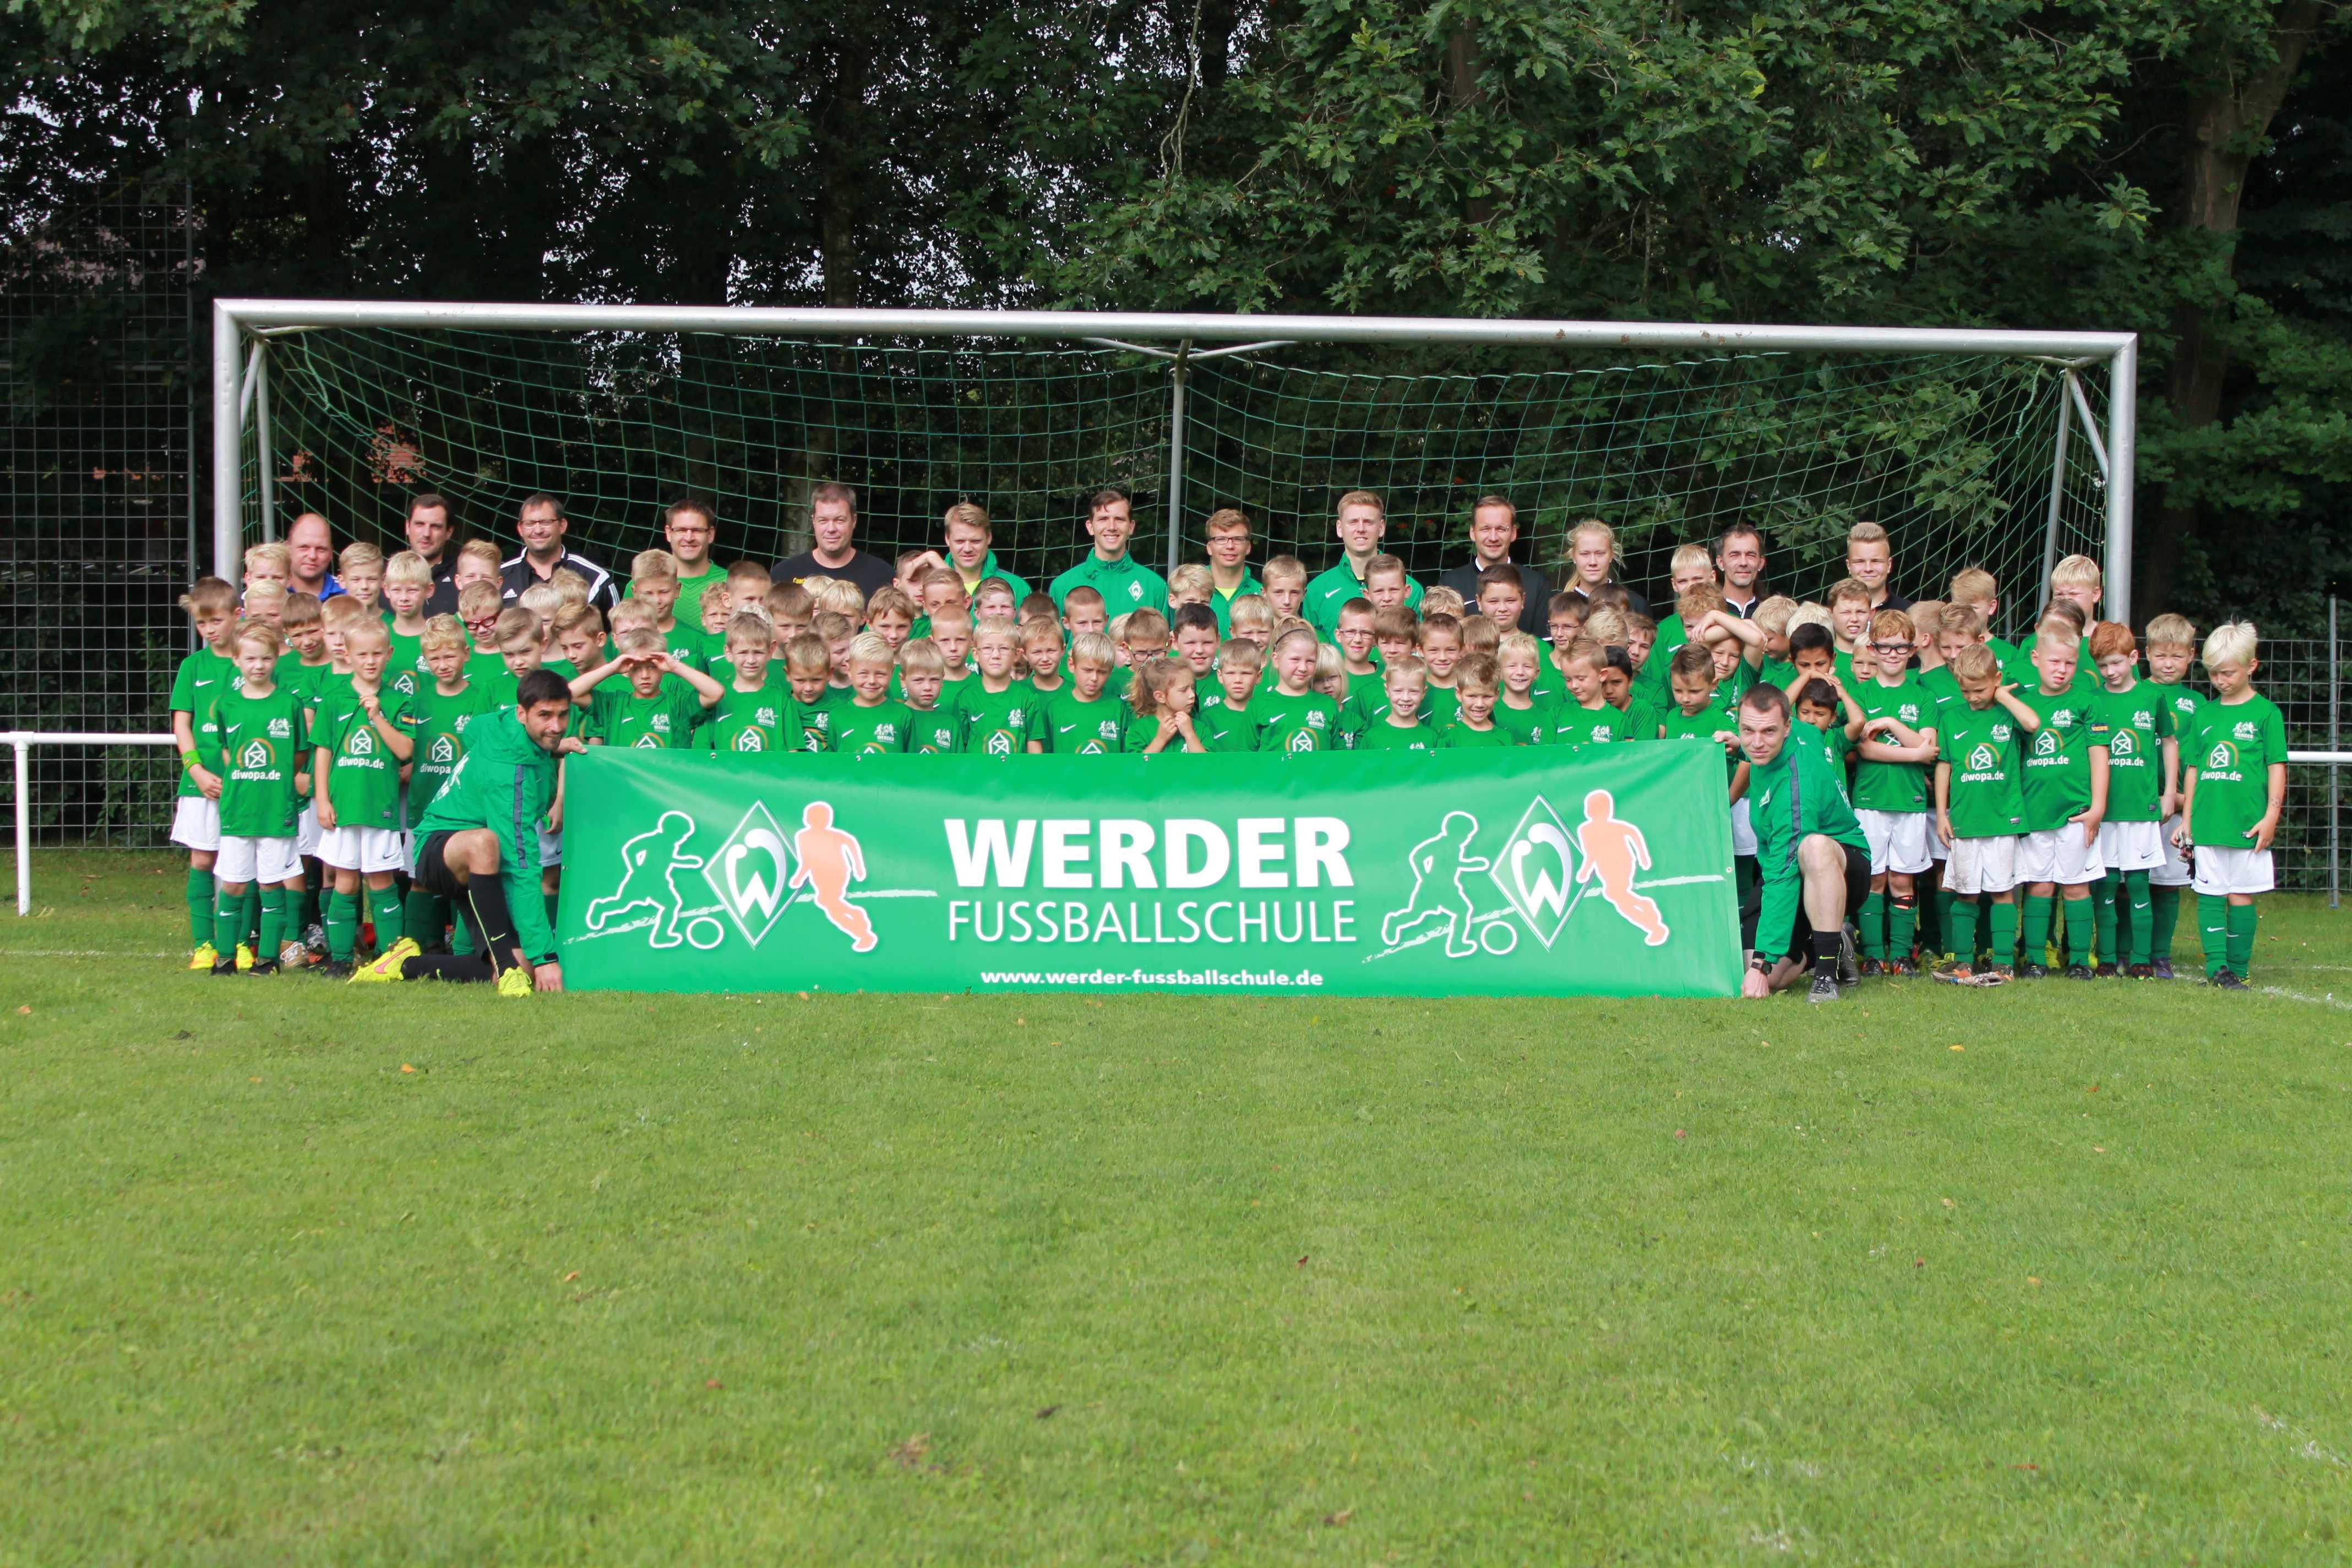 2016-08-13 Werder CAMPontour - Samstag (2)